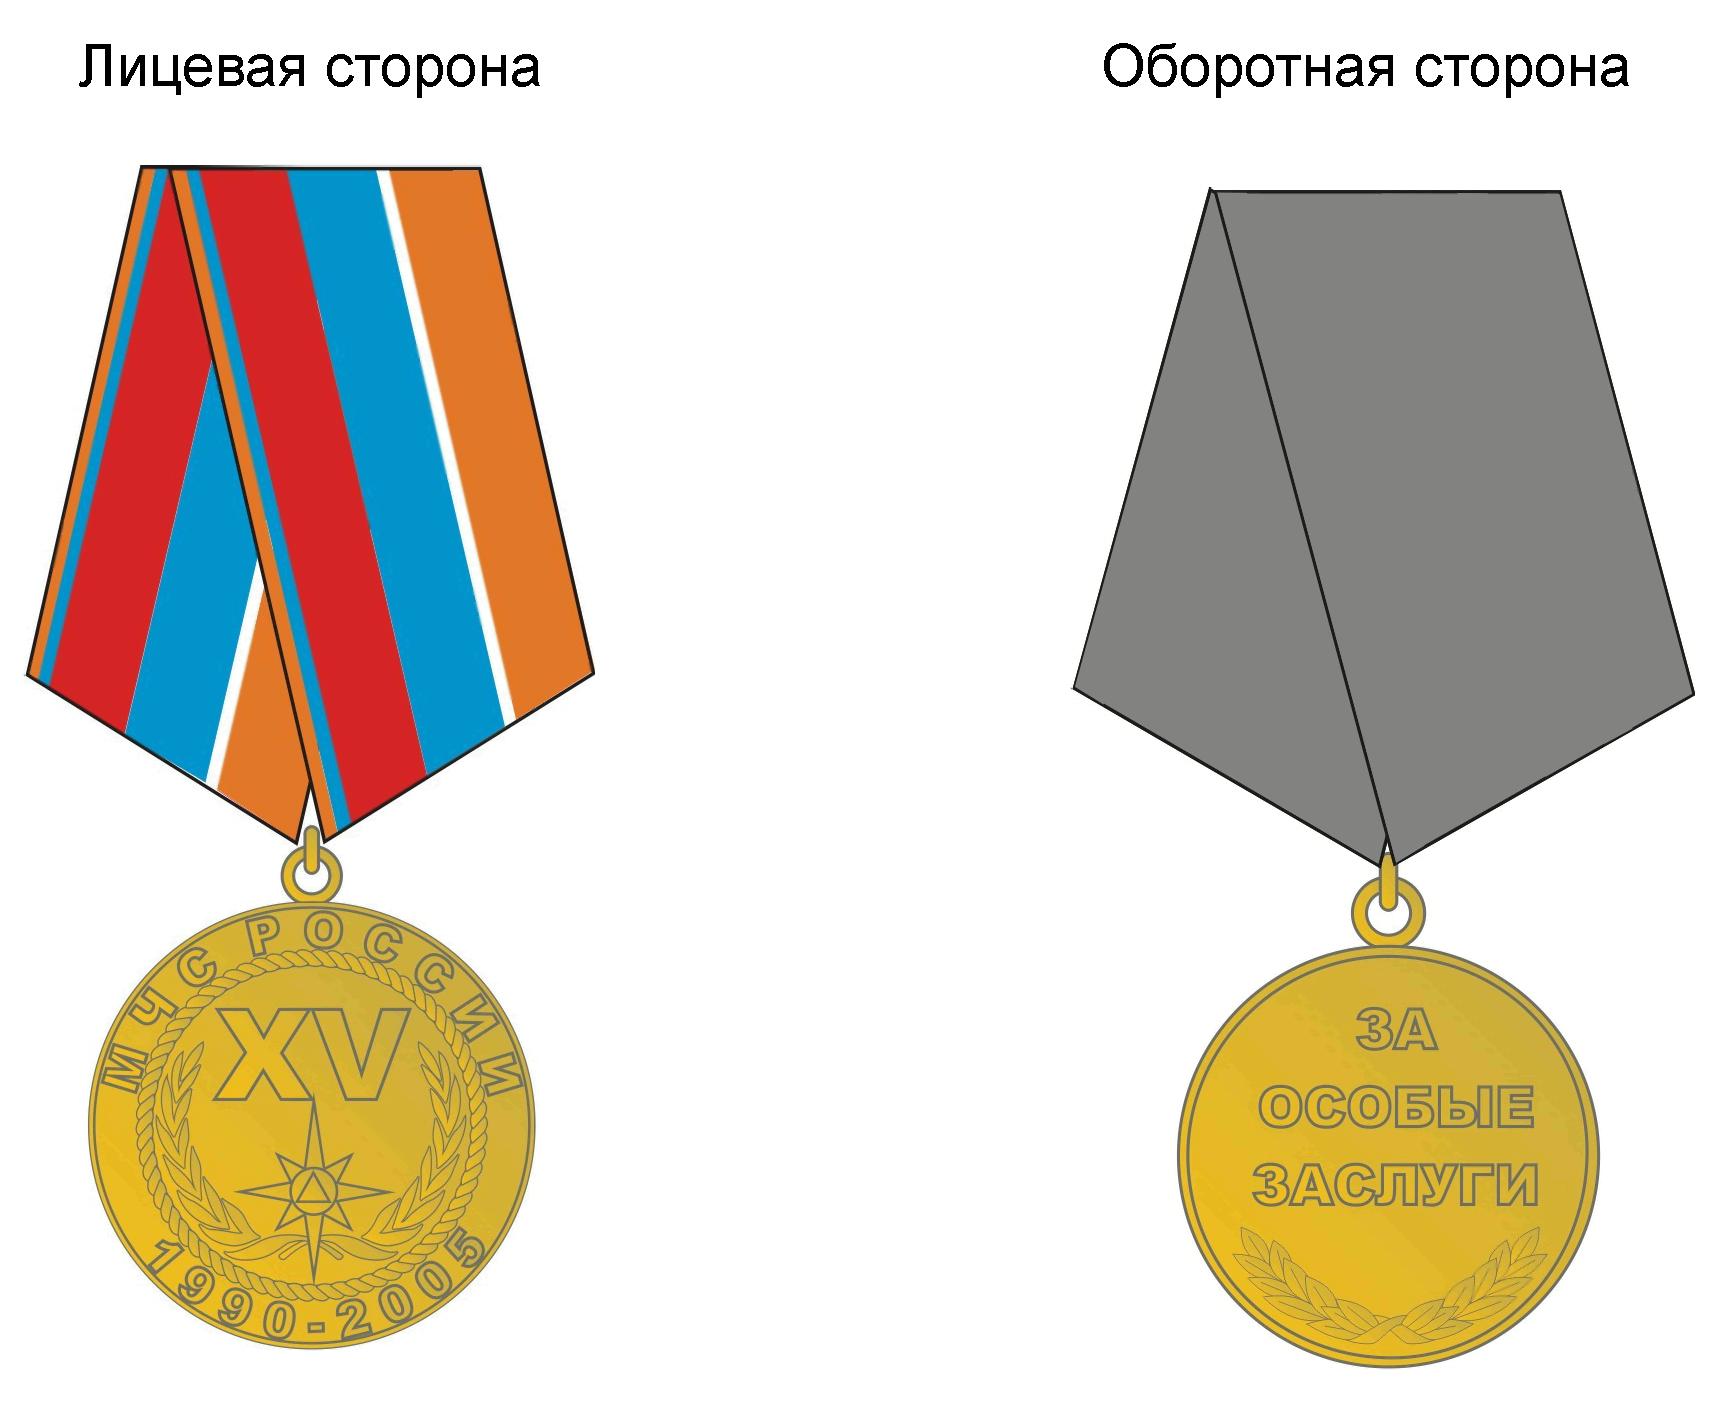 Ведомственные награды мчс россии описание и фото